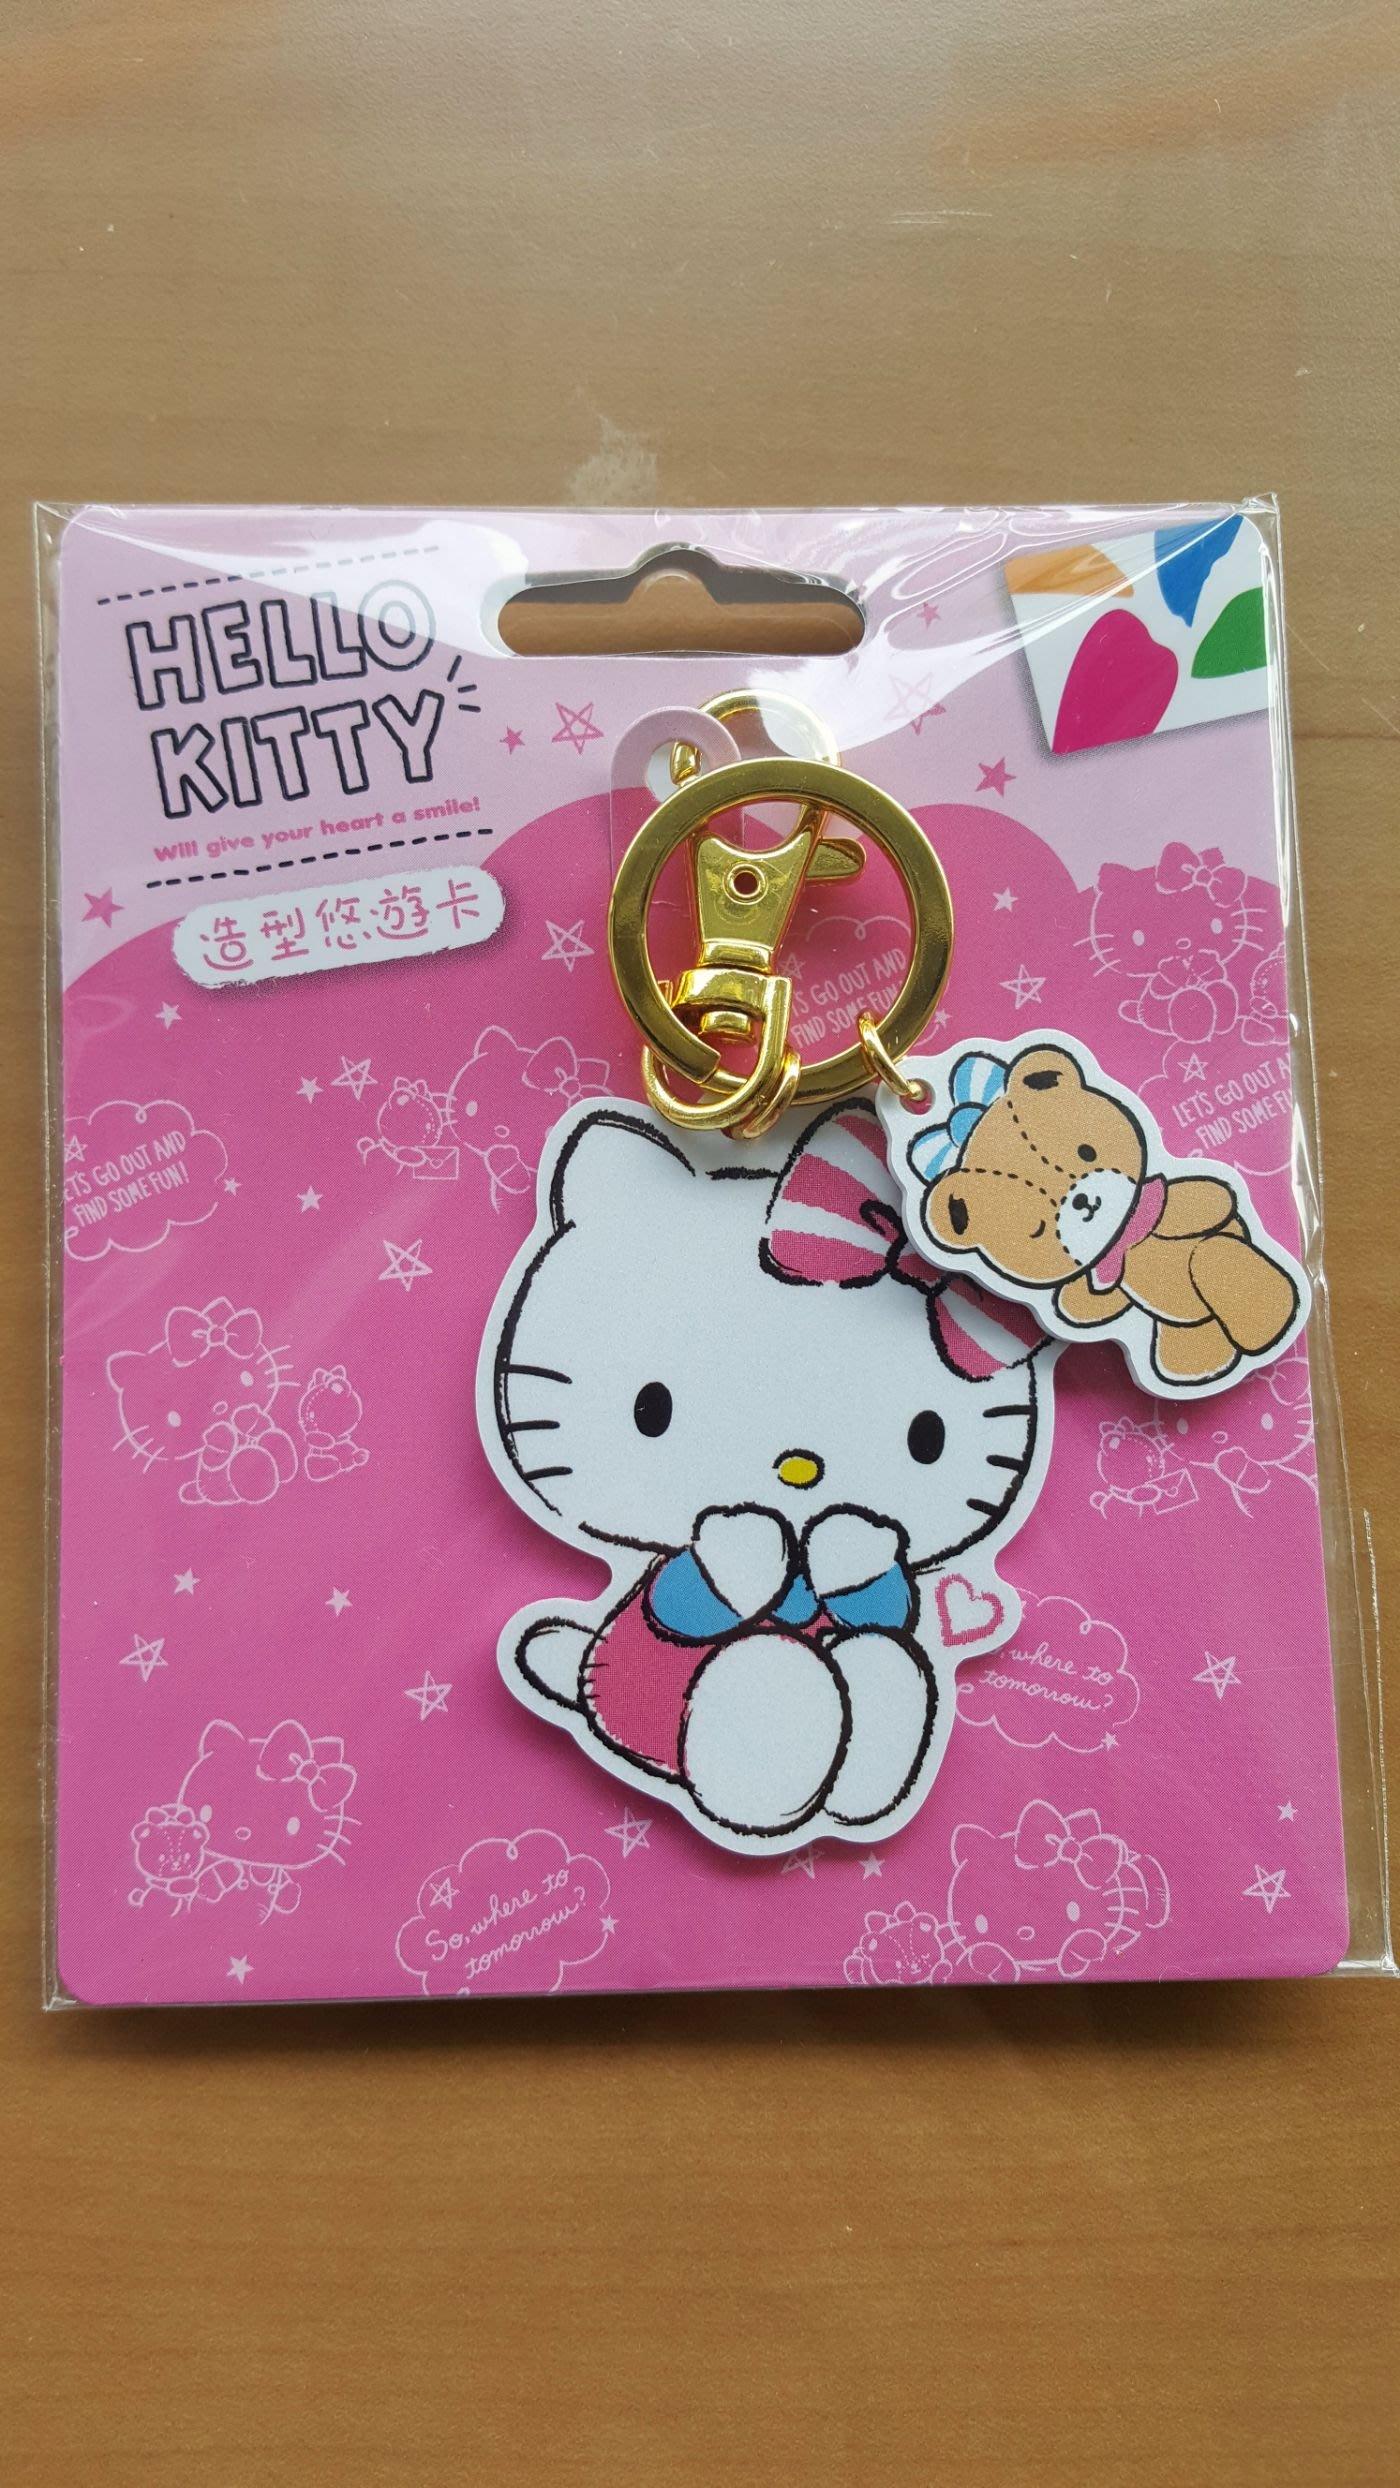 貨到付款【現貨】三麗鷗hello kitty悠遊卡 hellokitty造型悠遊卡 鑰匙圈。捷運卡火車卡公車卡交通卡